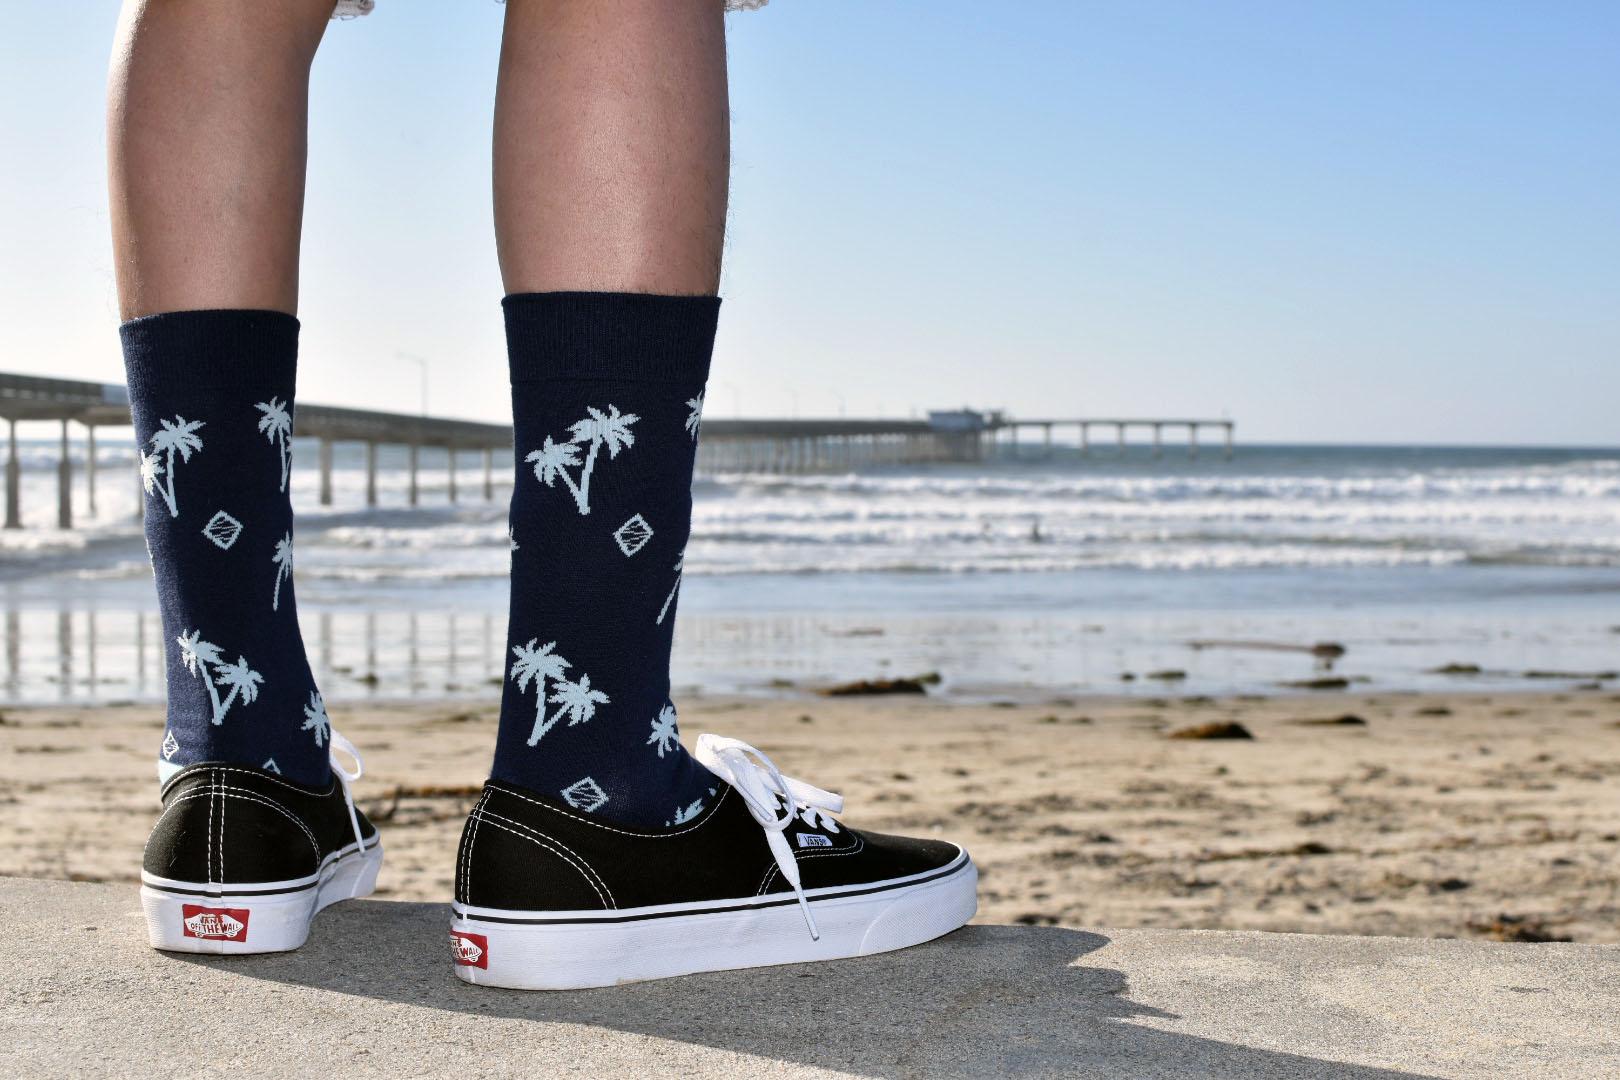 unique-socks